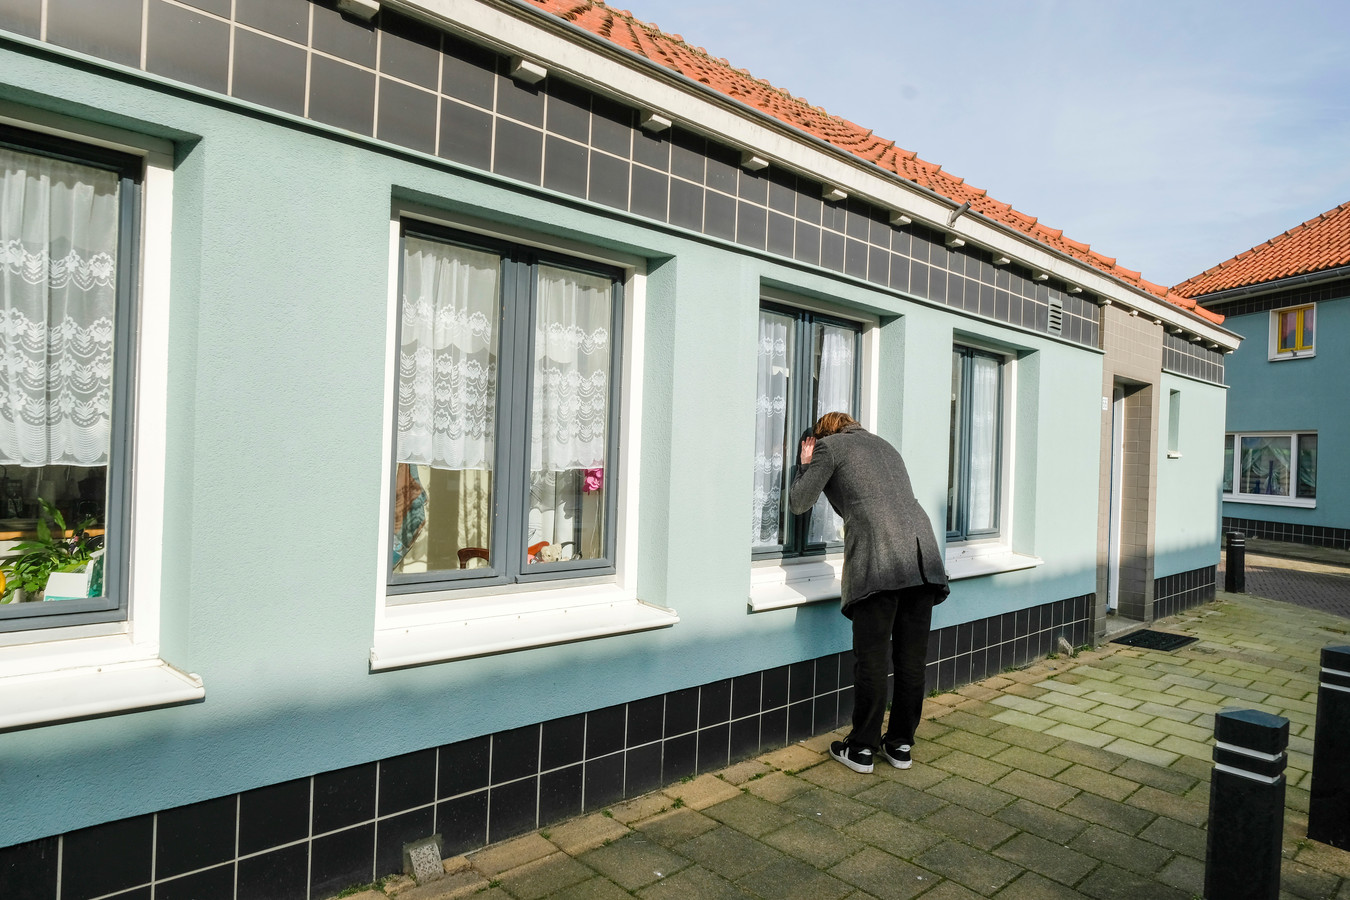 In zijn nieuwe programma laat Beau van Erven Dorens Nederland doen wat hij zelf ook graag wil: binnenkijken in het Floradorp in Amsterdam-Noord.